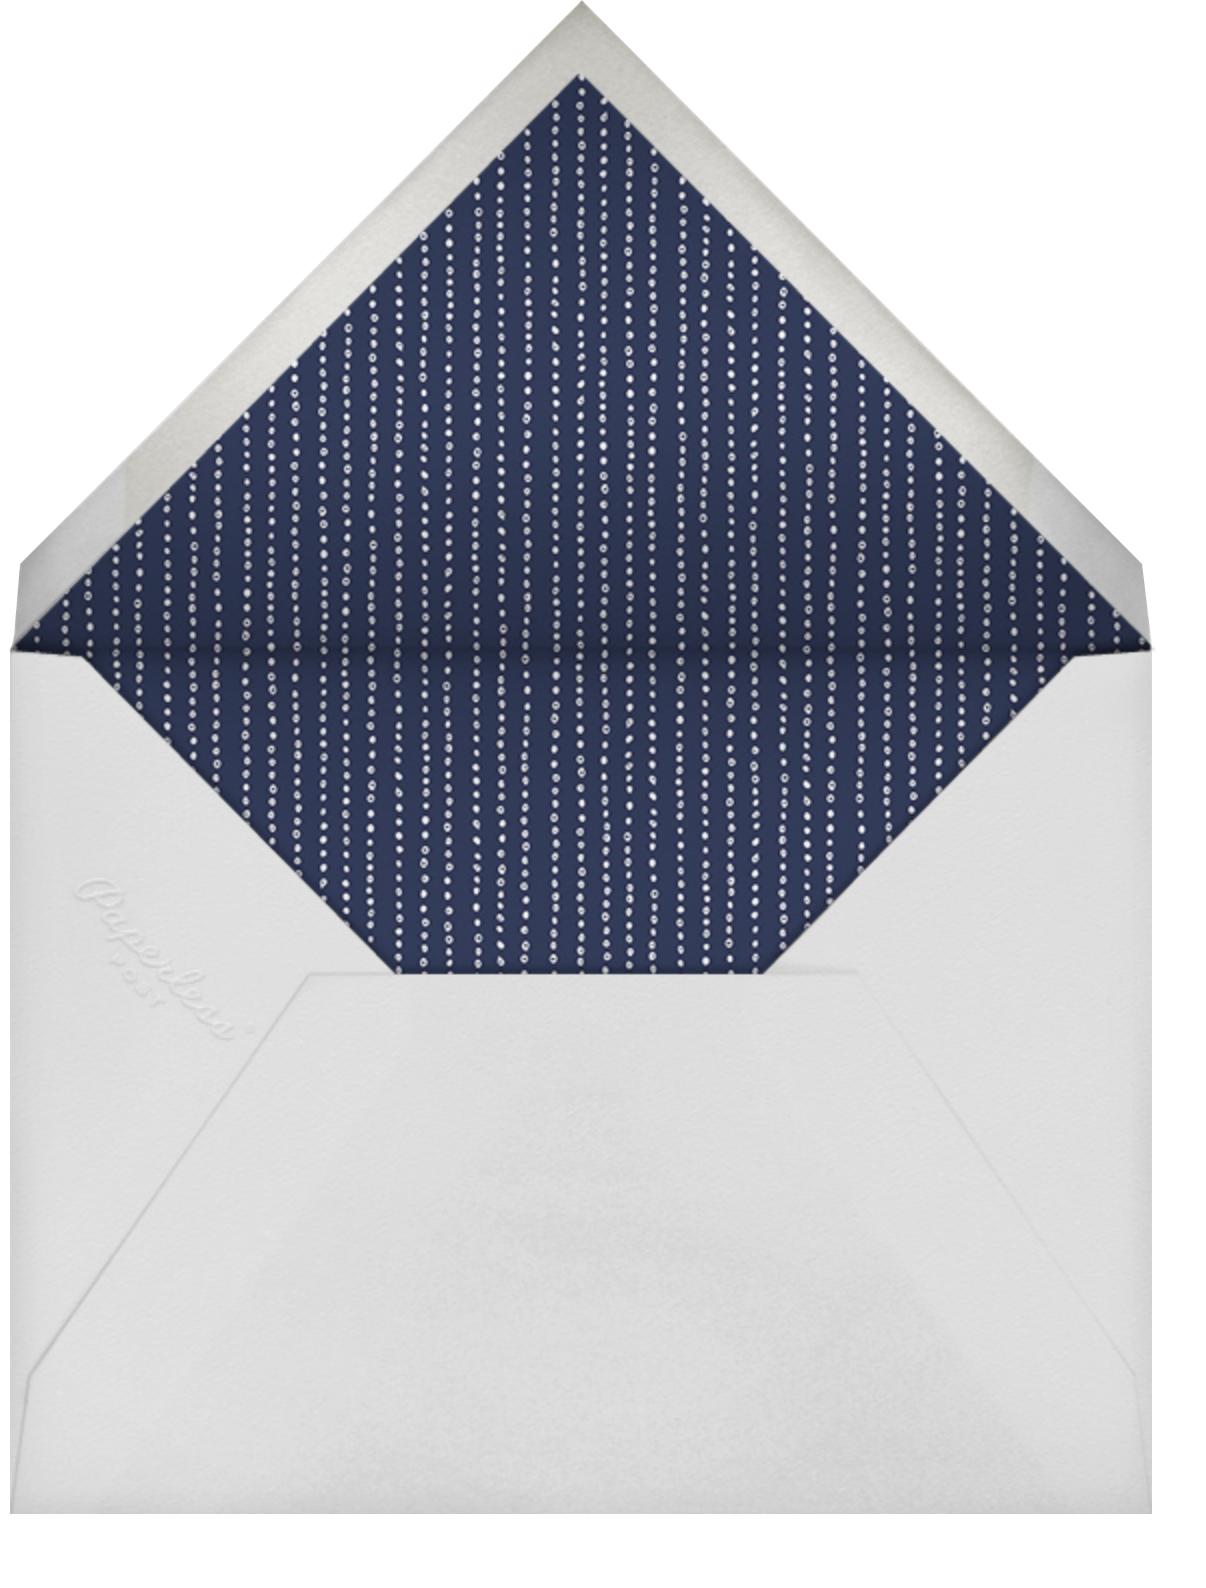 White (Square) - Paperless Post - All - envelope back